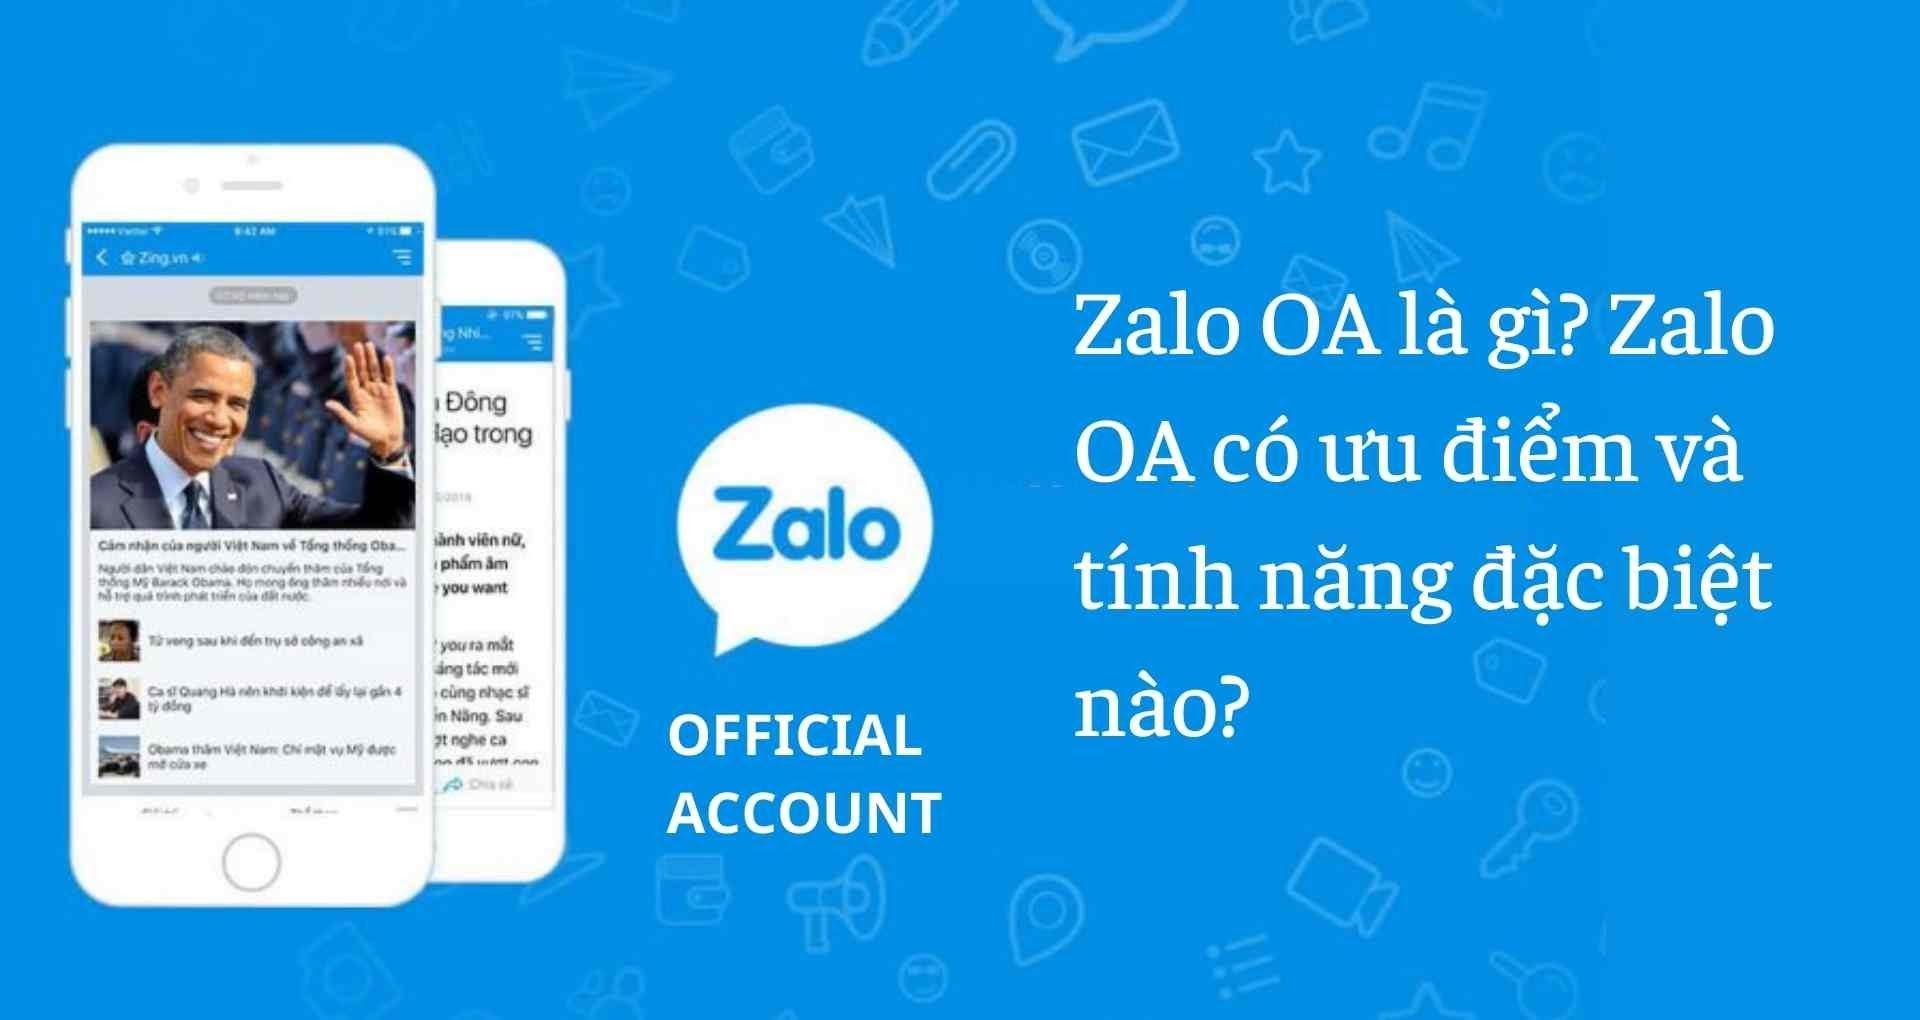 Zalo OA là gì? Zalo OA có ưu điểm và tính năng đặc biệt nào?